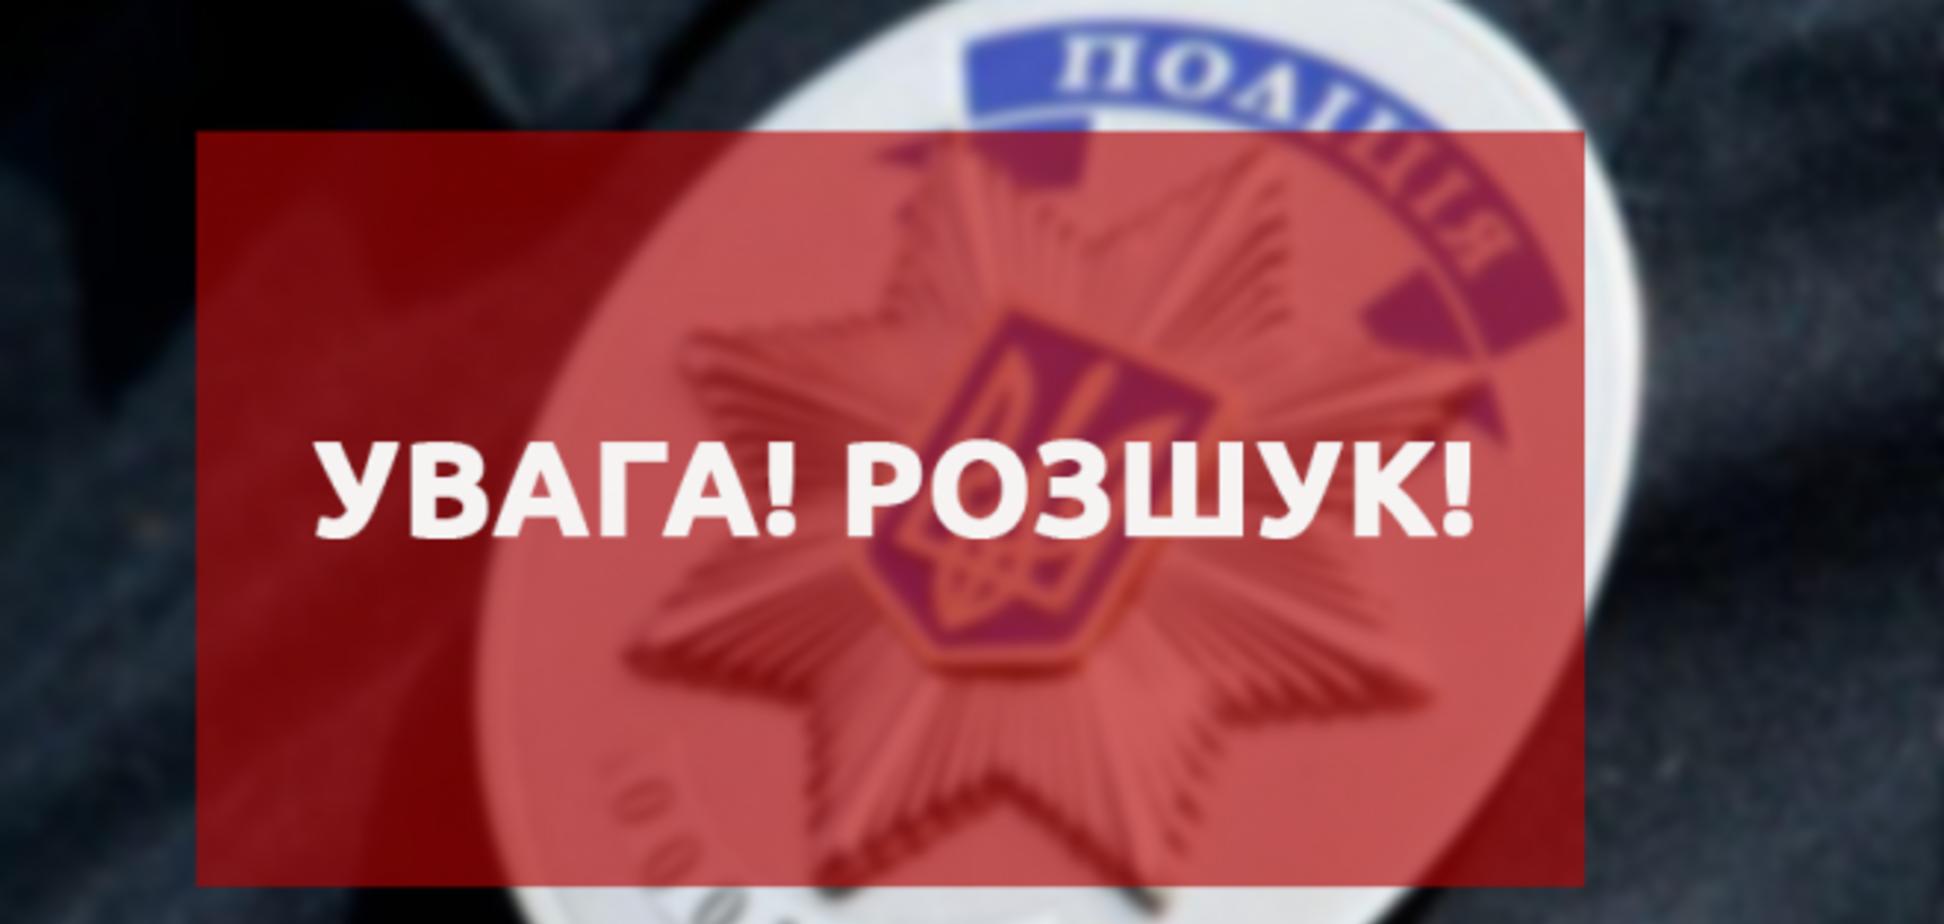 У Києві оголосили в розшук 16-річну дівчинку. Ілюстрація. Джерело: volynonline.com